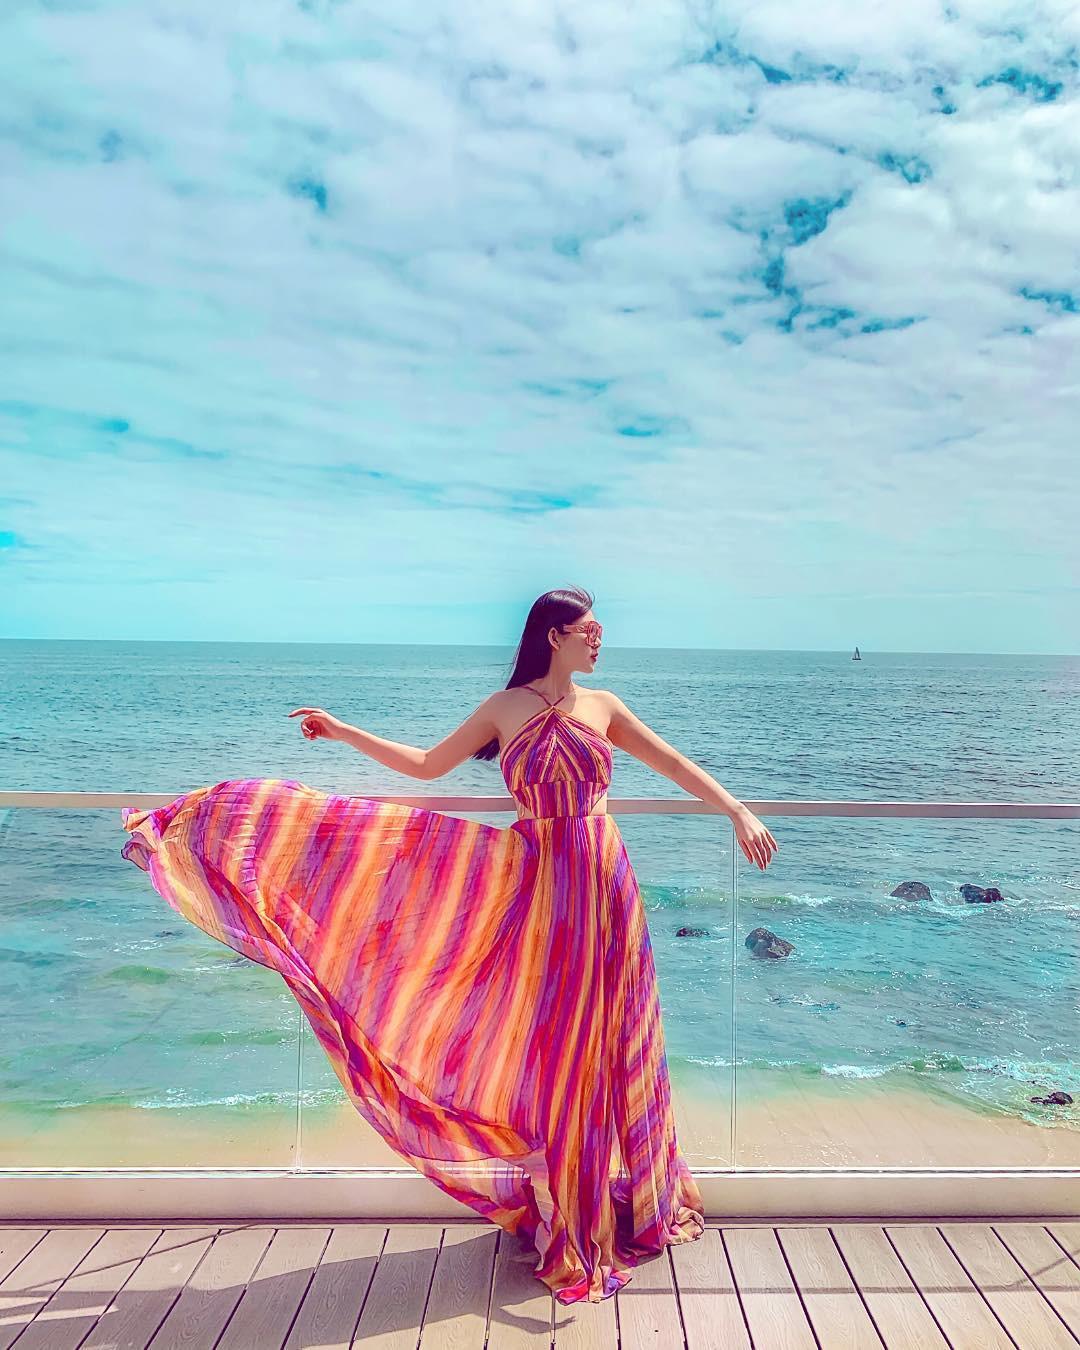 Đầu hè, hội richkid Việt đã chu du vòng quanh thế giới: Người khoe body nóng bỏng bên bờ biển, người check-in sang chảnh tại trời Âu - Ảnh 10.